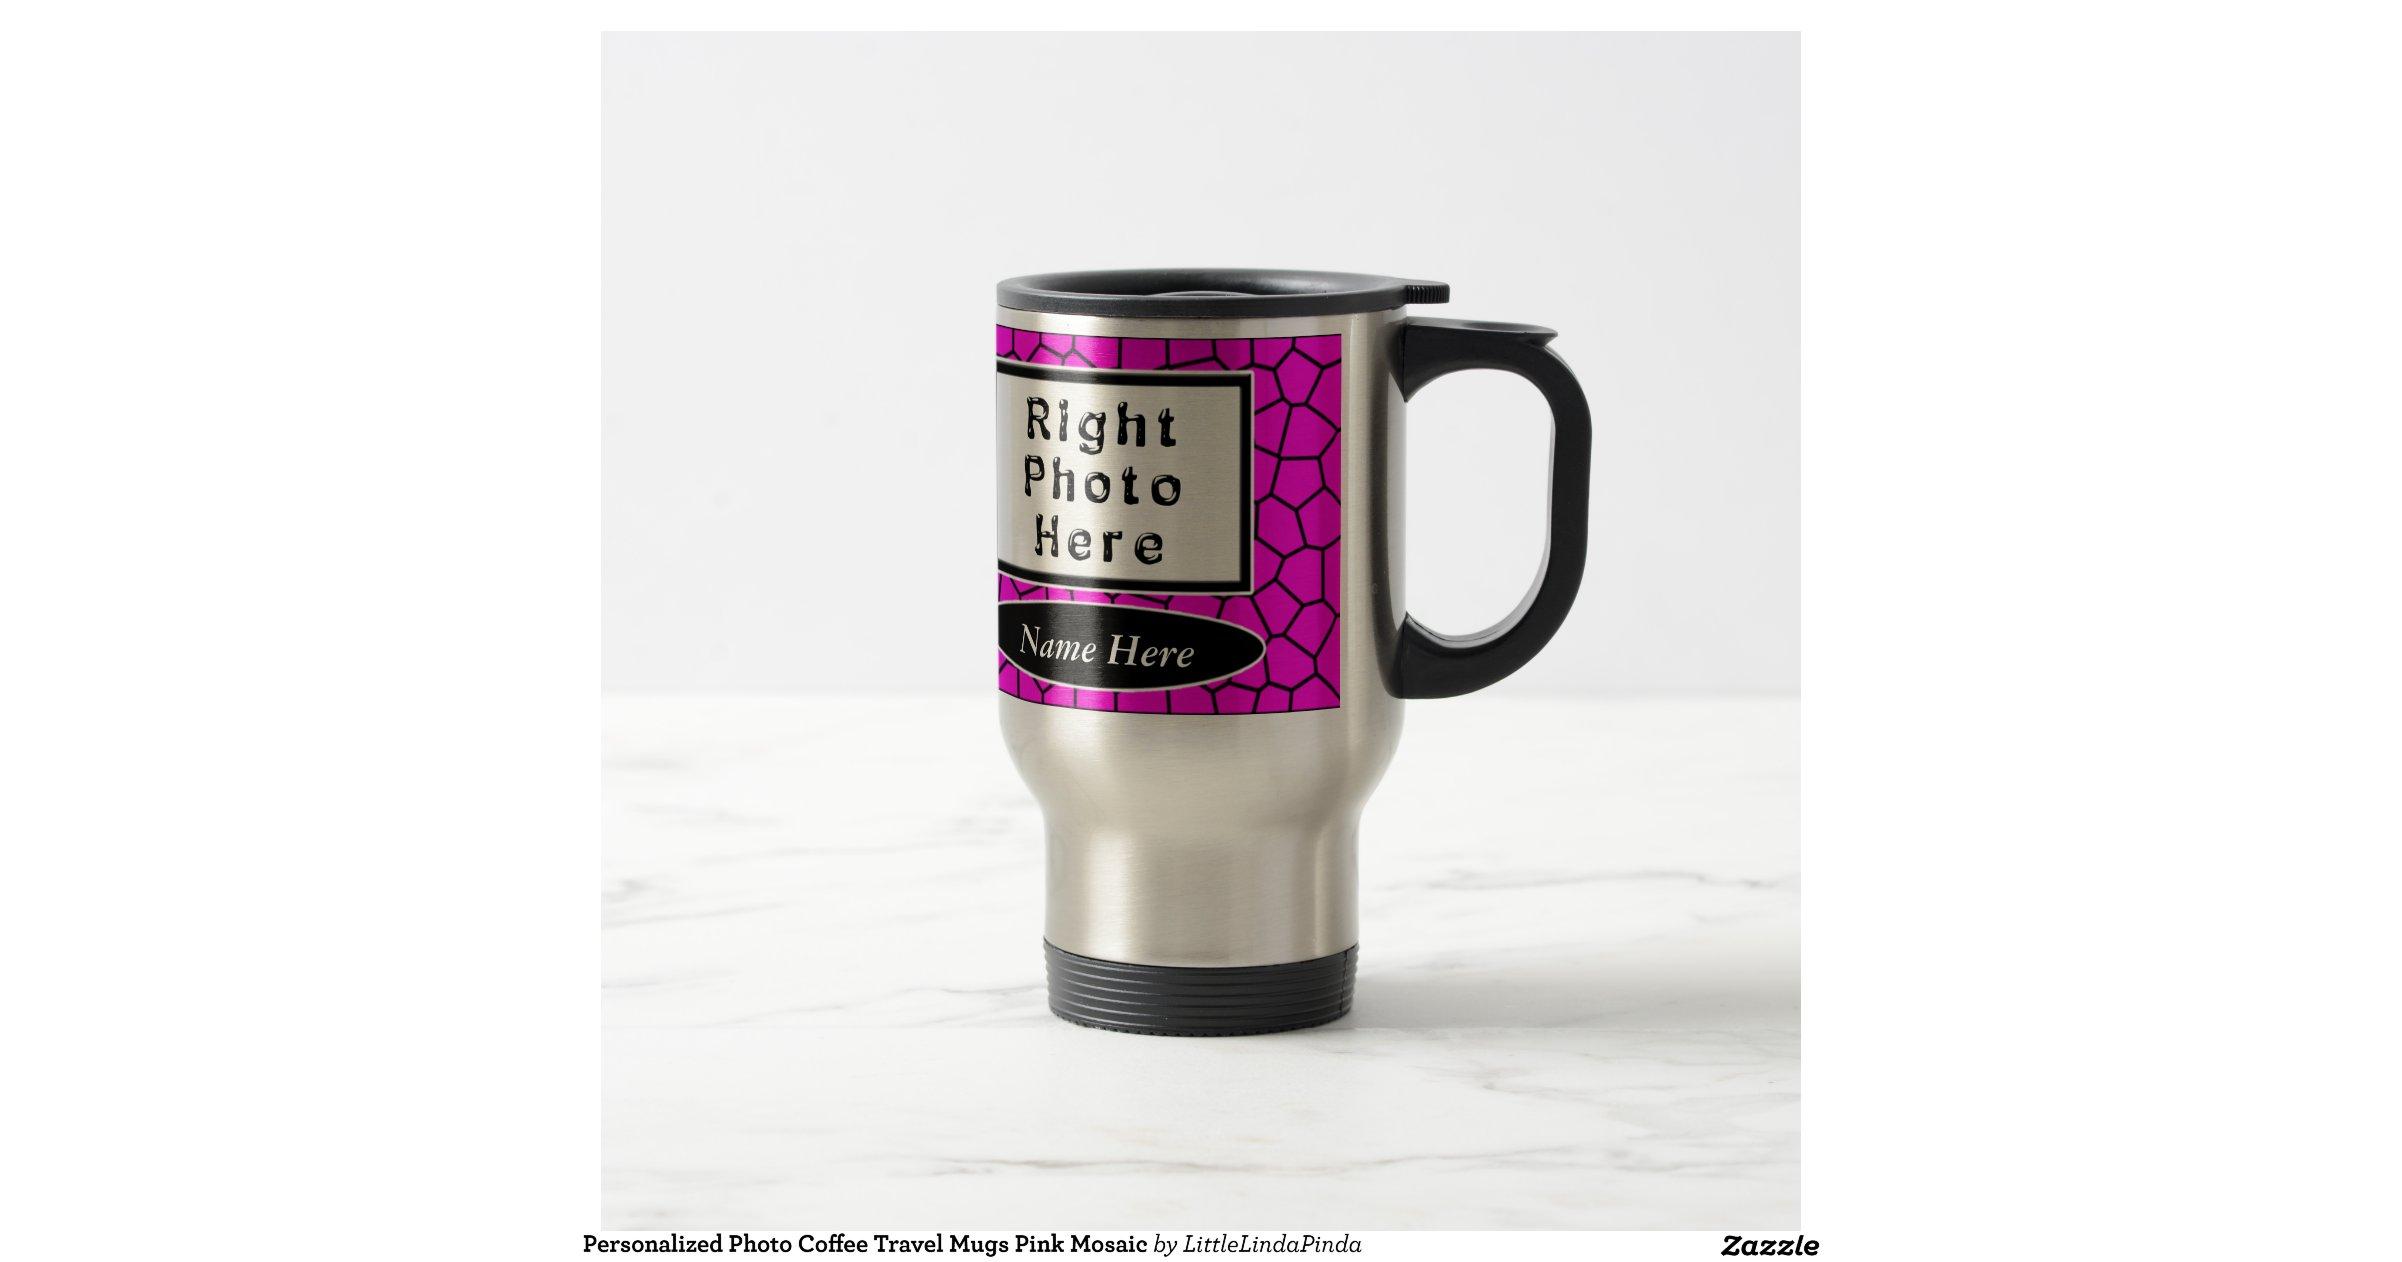 Personalized Photo Coffee Travel Mugs Pink Mosaic Zazzle